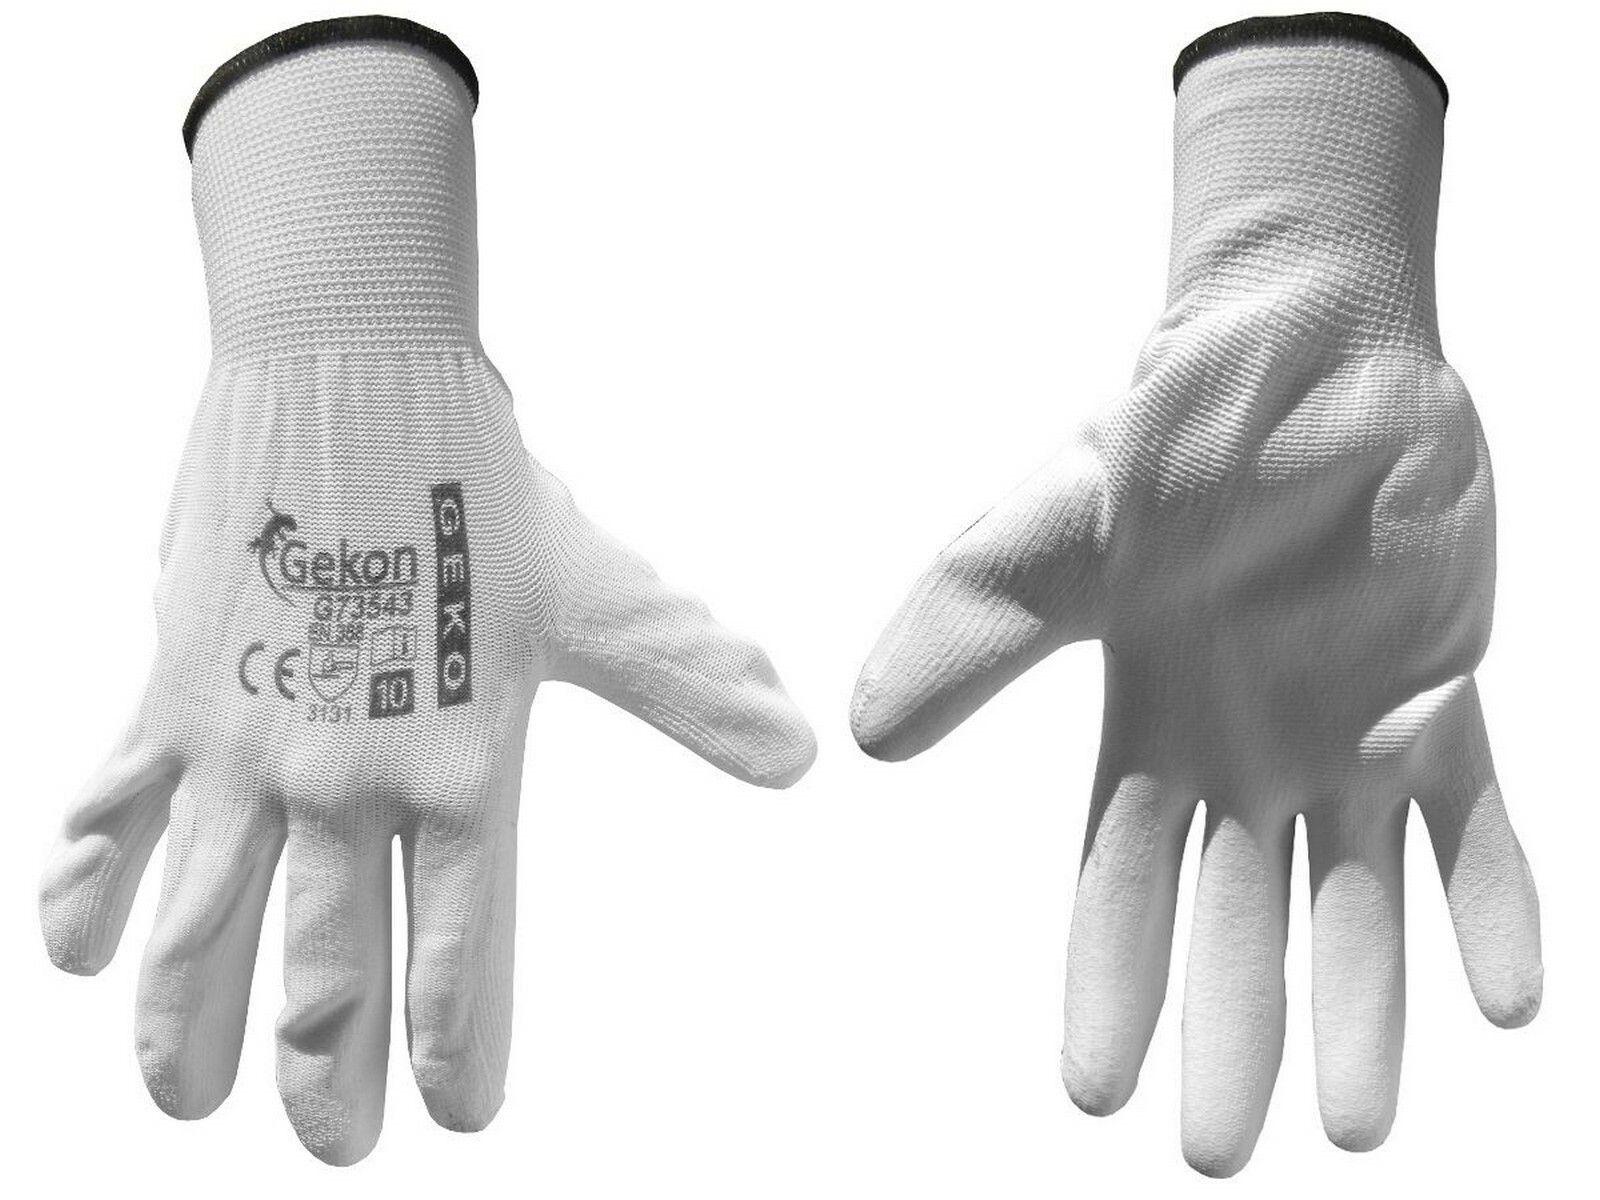 """Ochranné rukavice bílé z pletené bavlny, polomáčené v PU, velikost 10"""" GEKO G73543"""